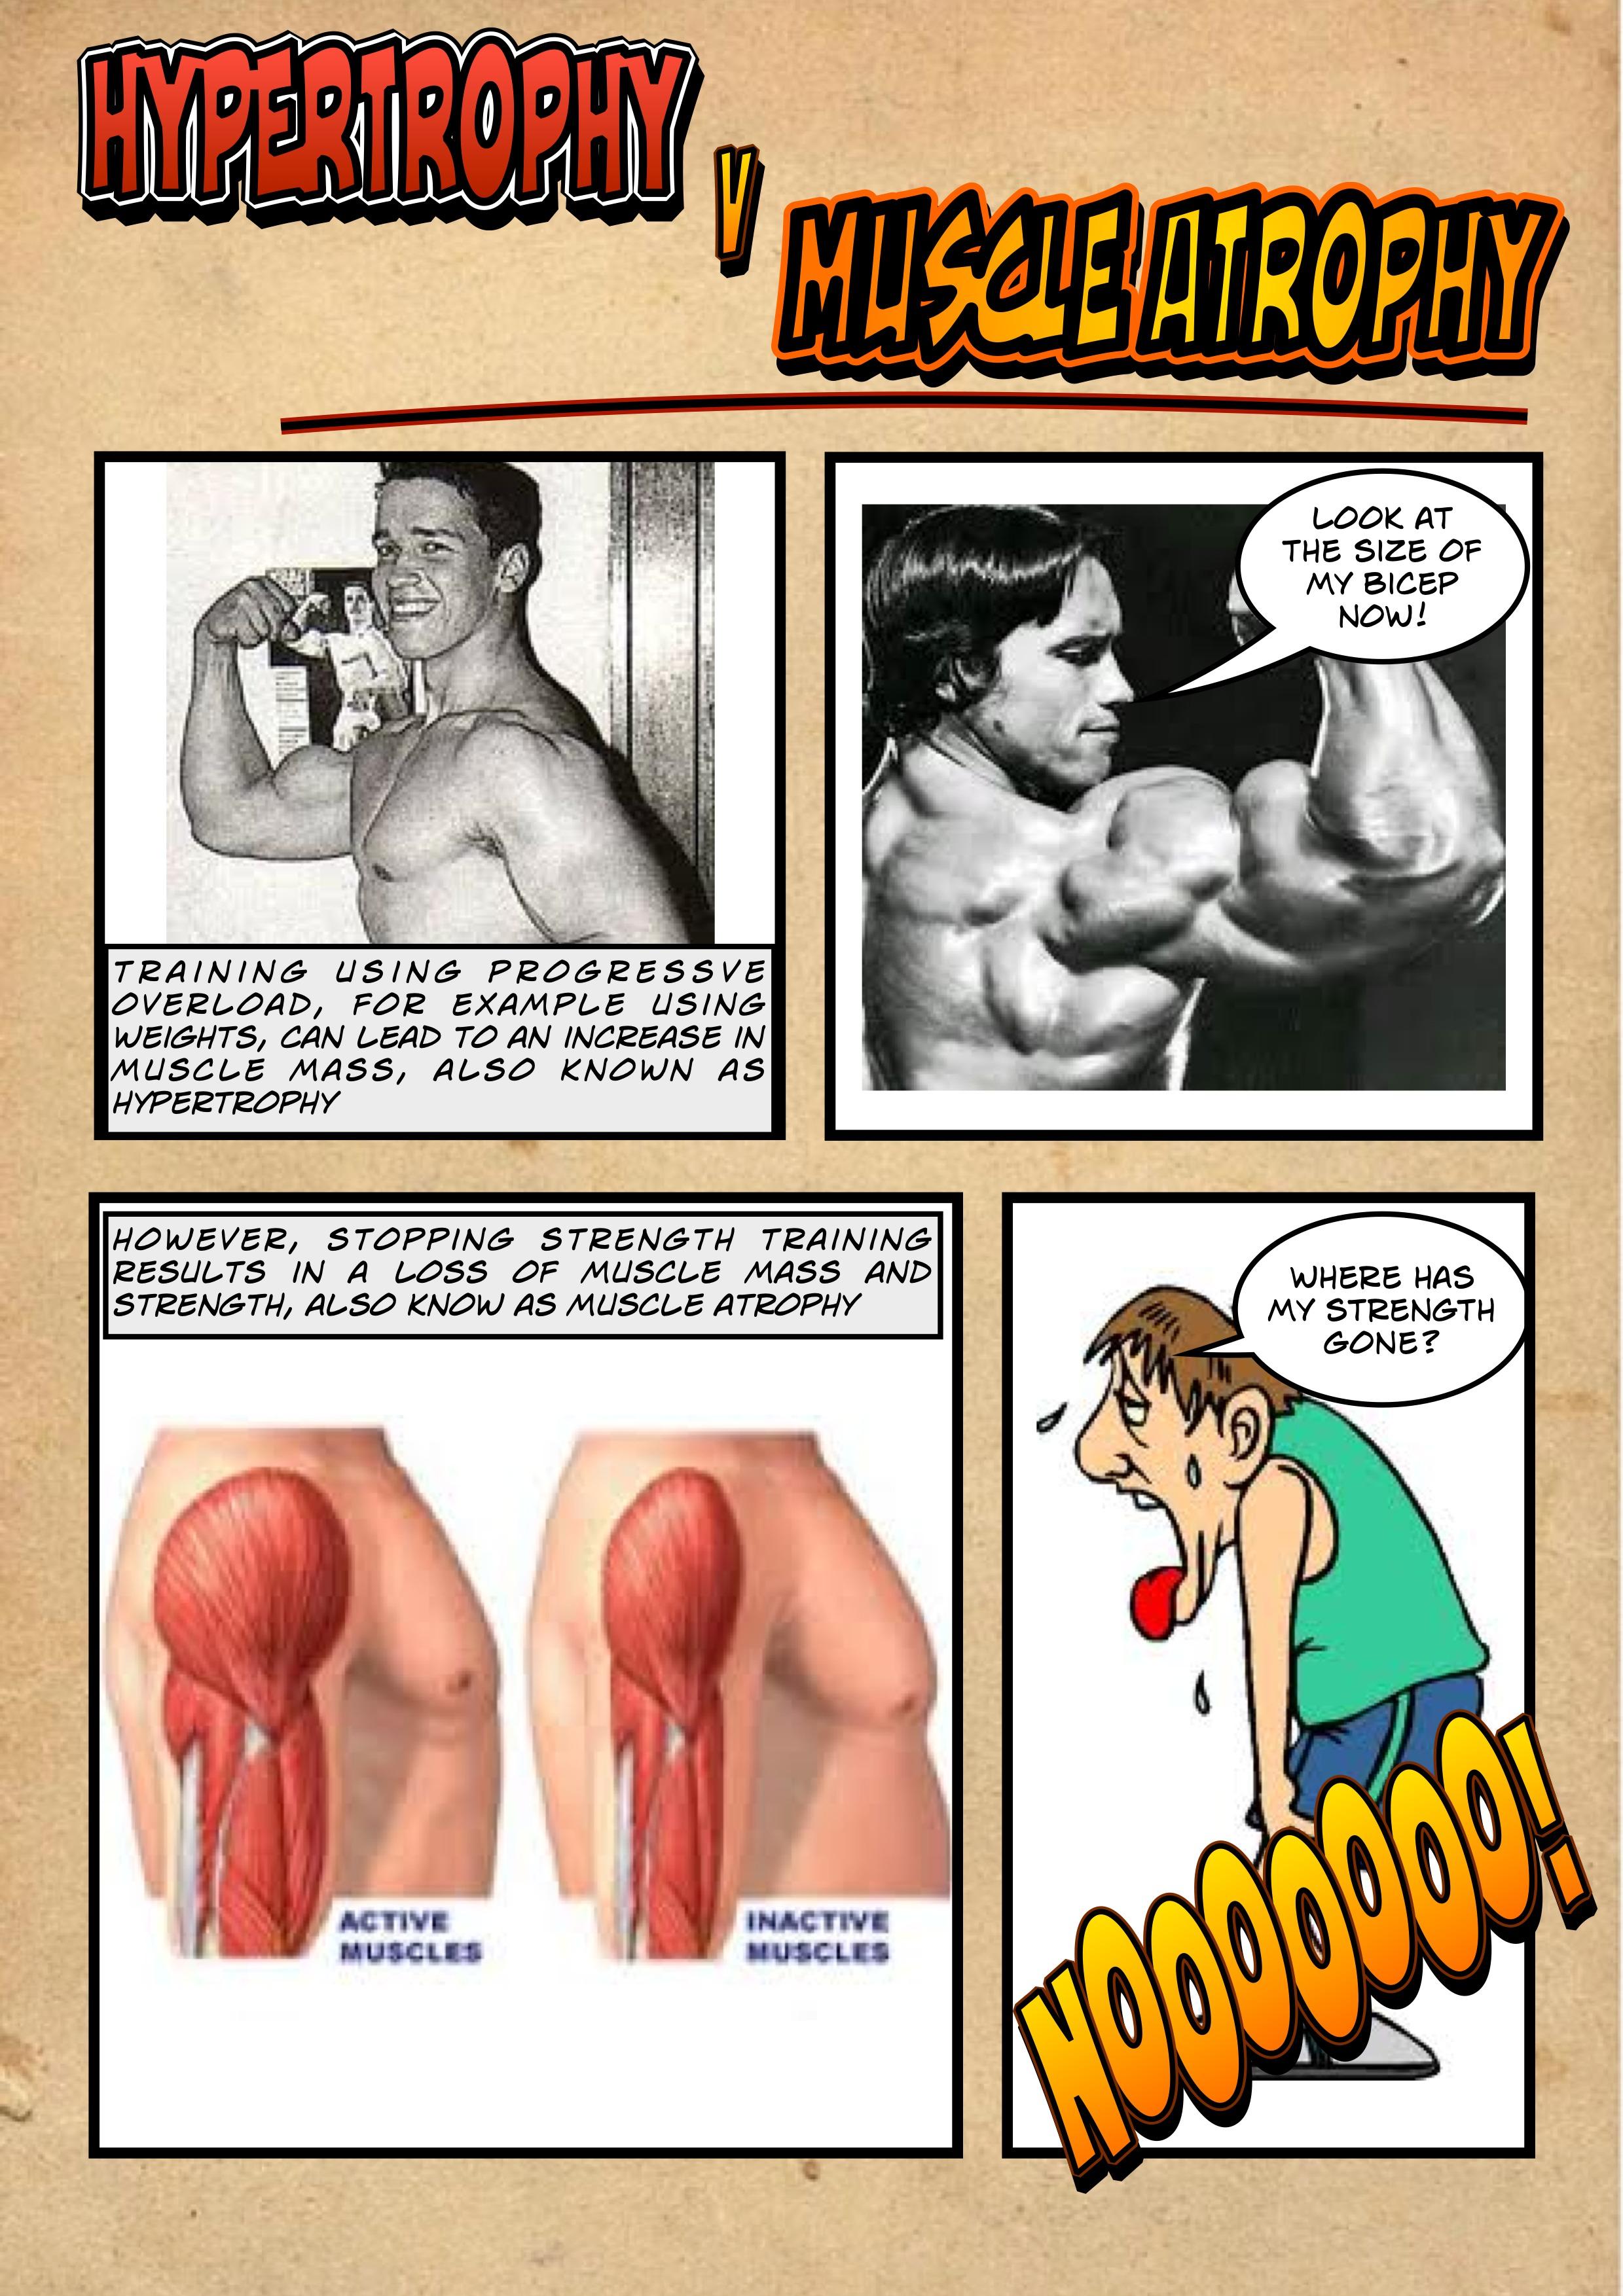 hypertrophy-v-muscle-atrophy1